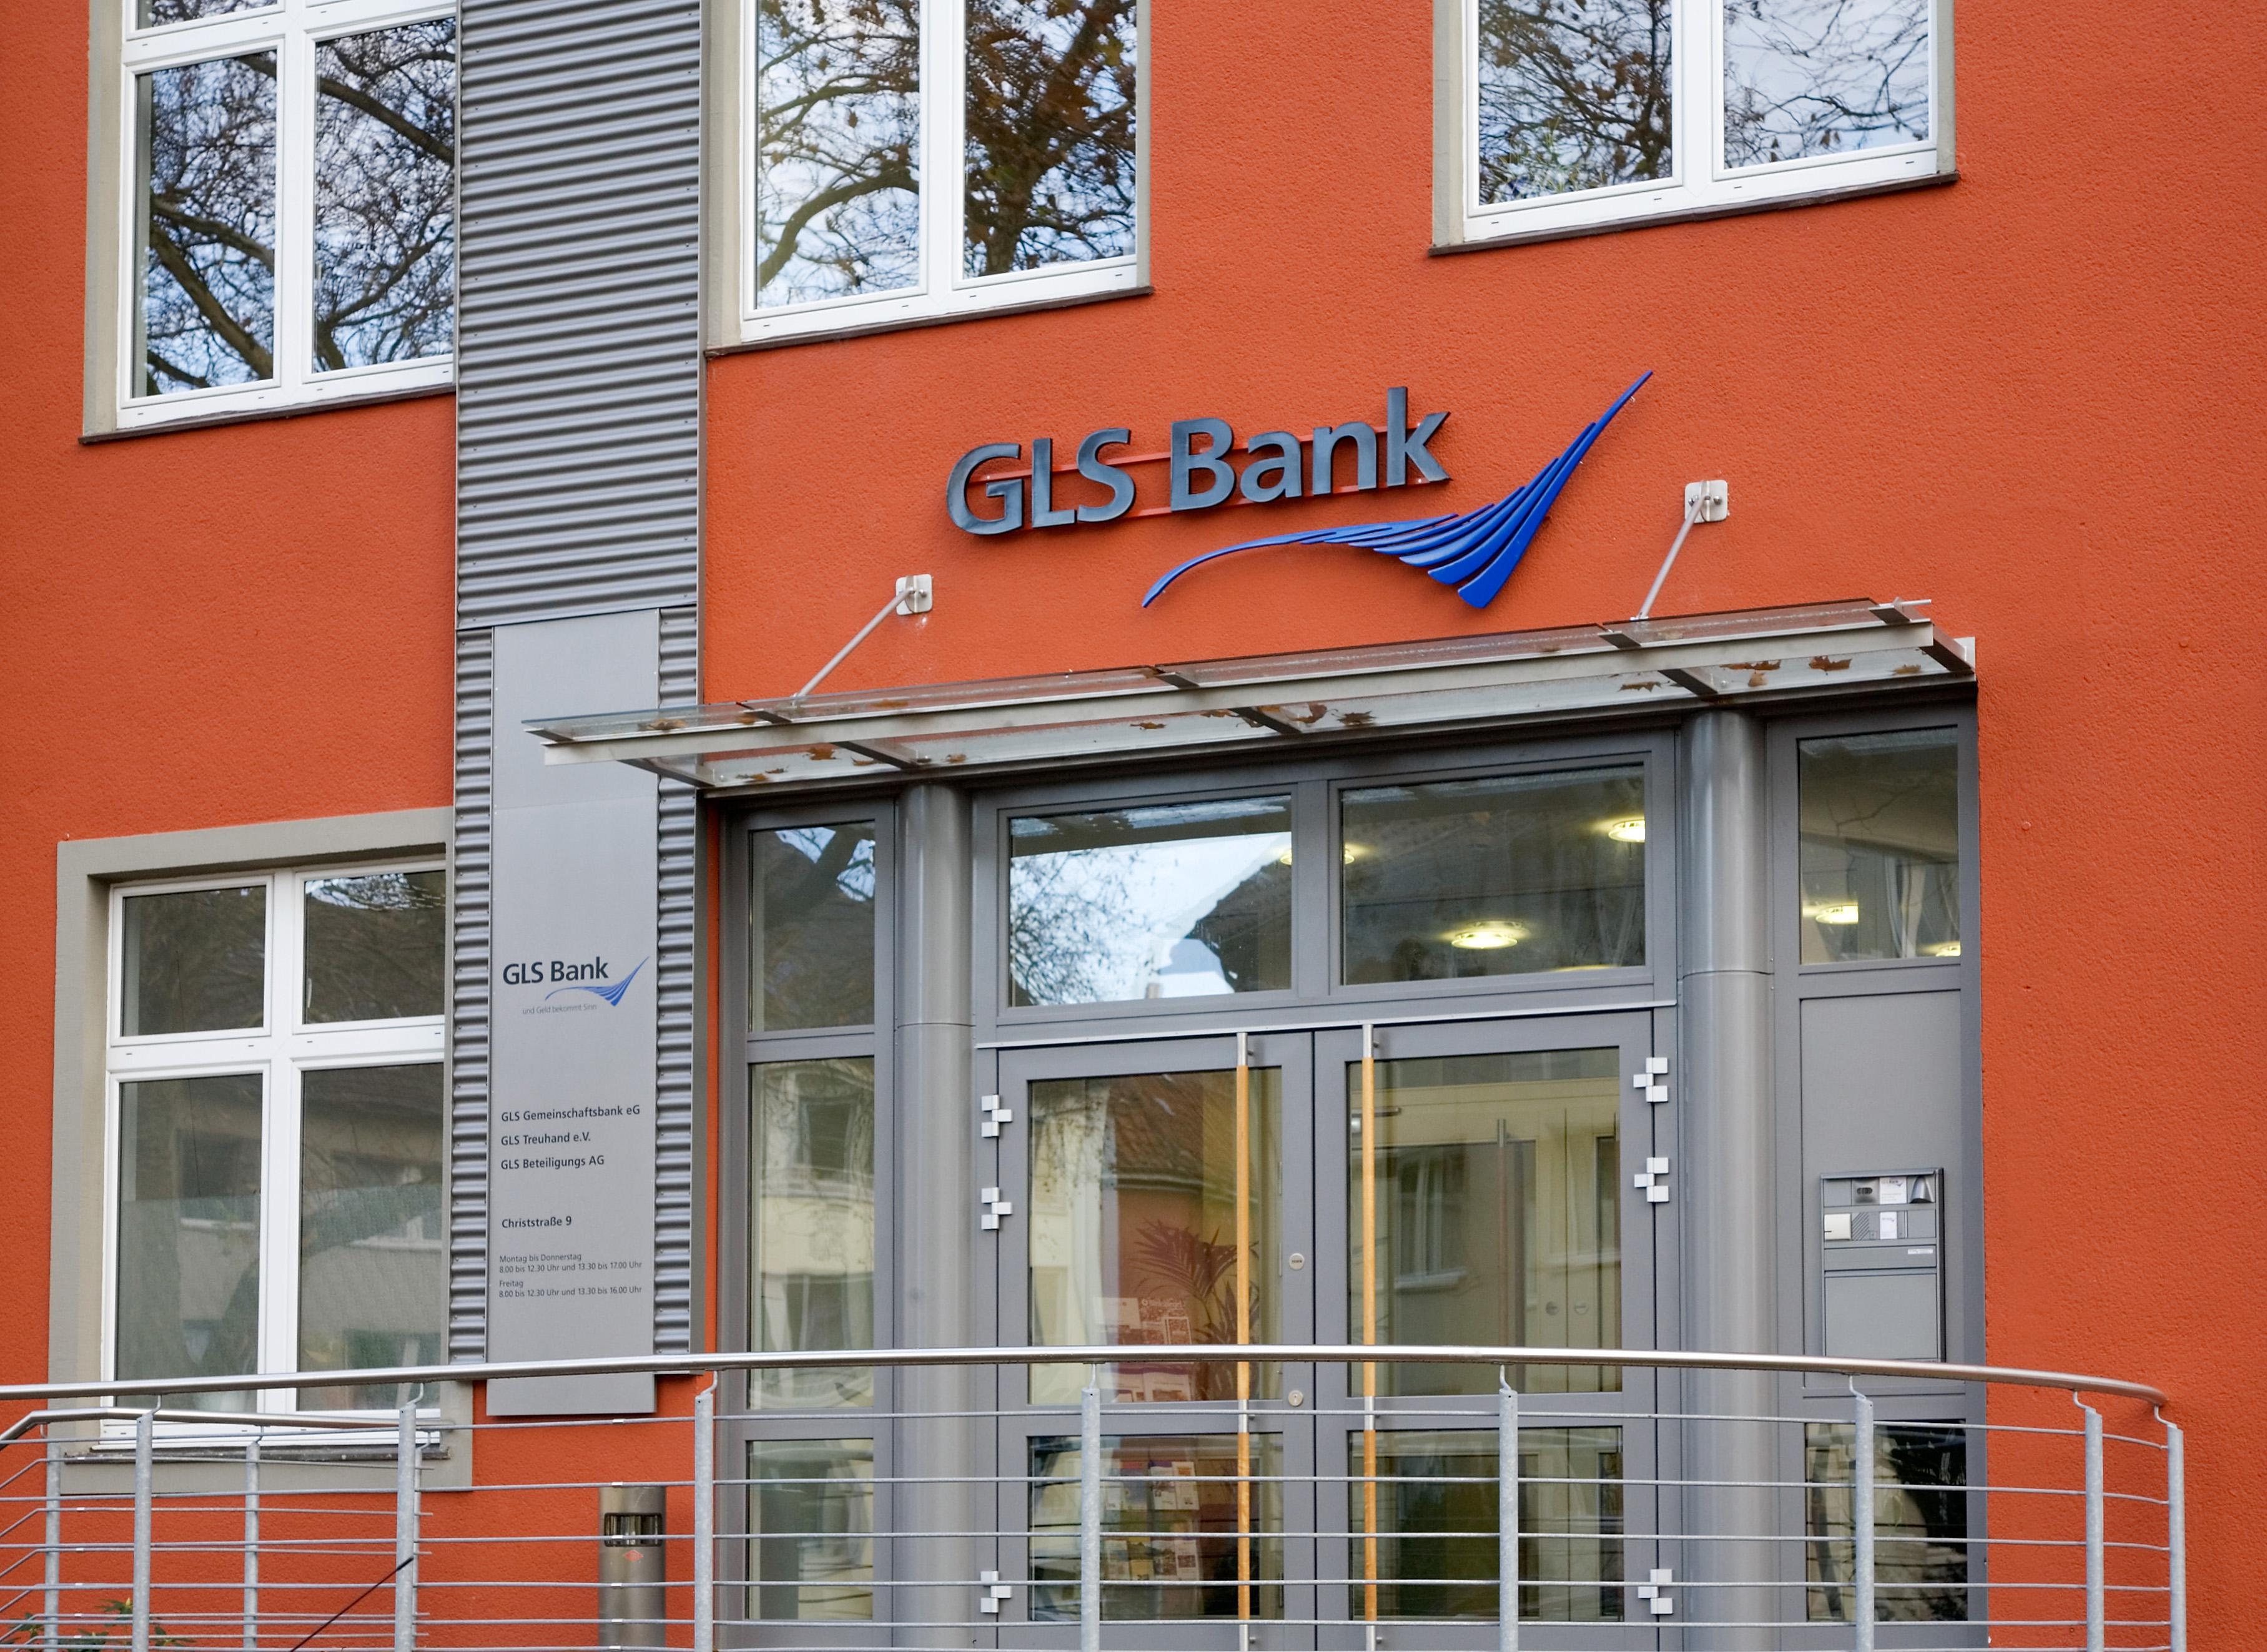 Nachhaltige Banken wie die GLS Bank (im Bild) hoffen auf Kundenzuwachs. Aber auch der Aufwand steigt mit dem neuen Kontowechselservice.